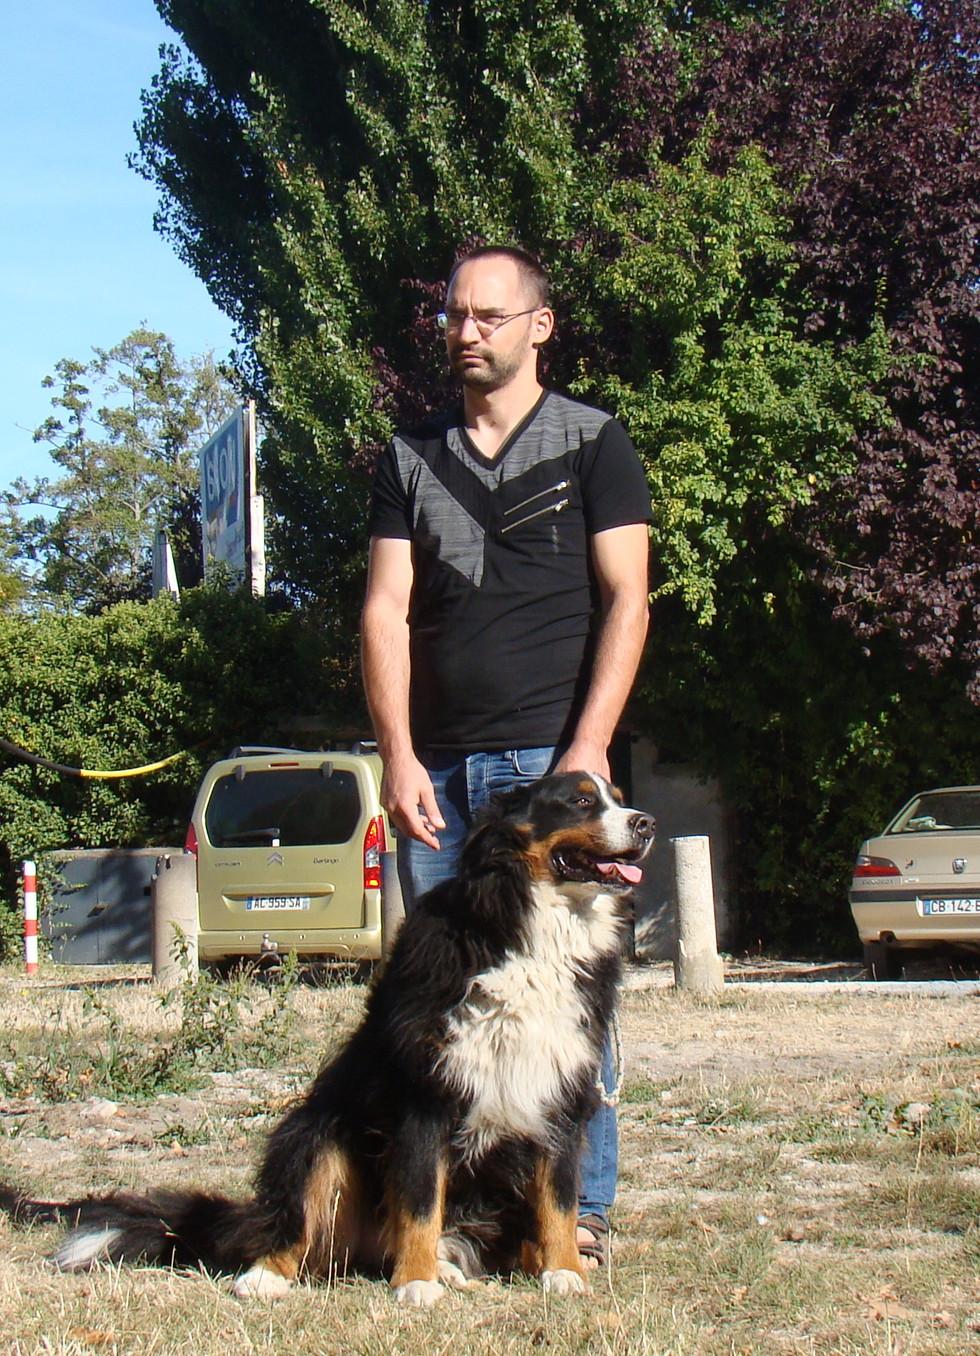 JP_Kauffmann-Éducateur_canin_51.JPG